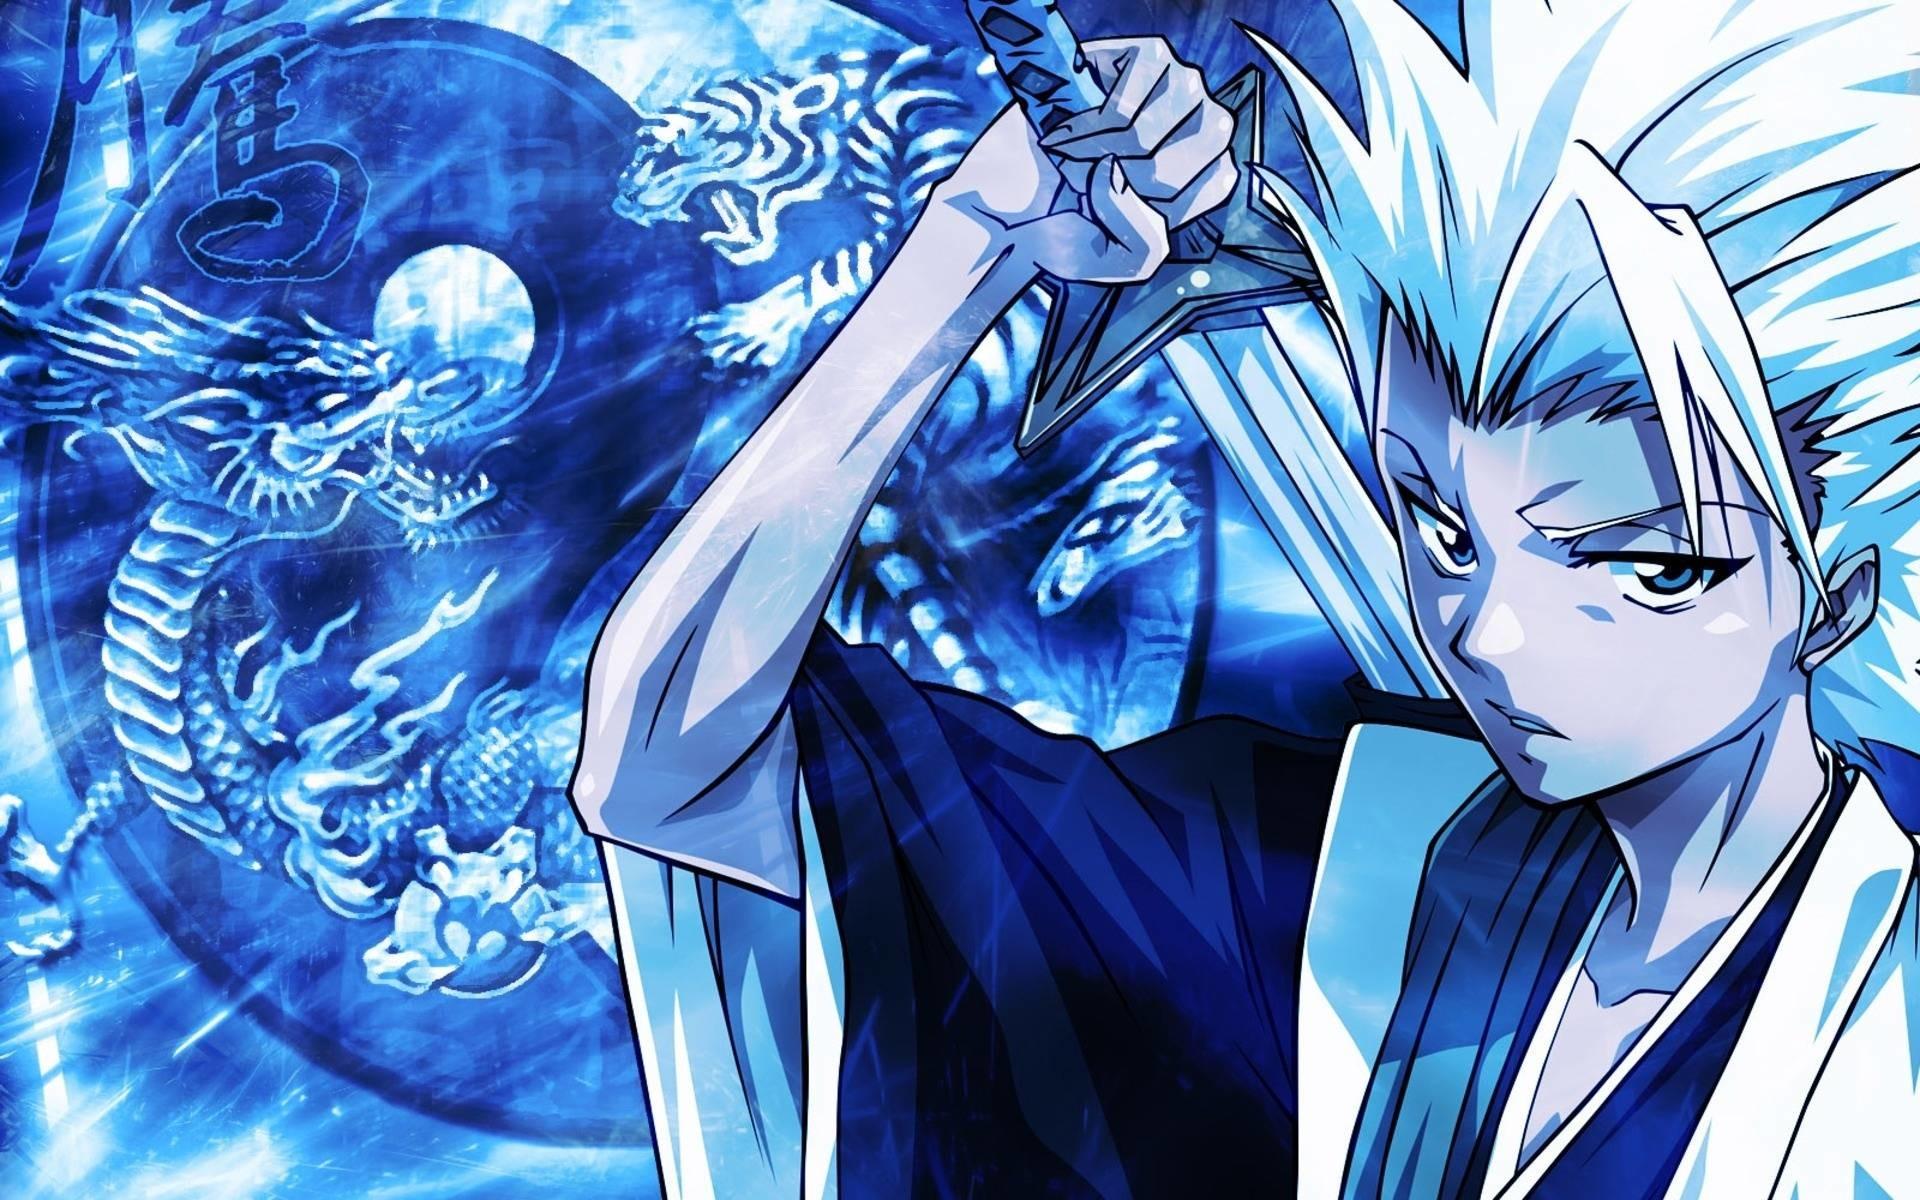 Blue Anime Guy Wallpaper